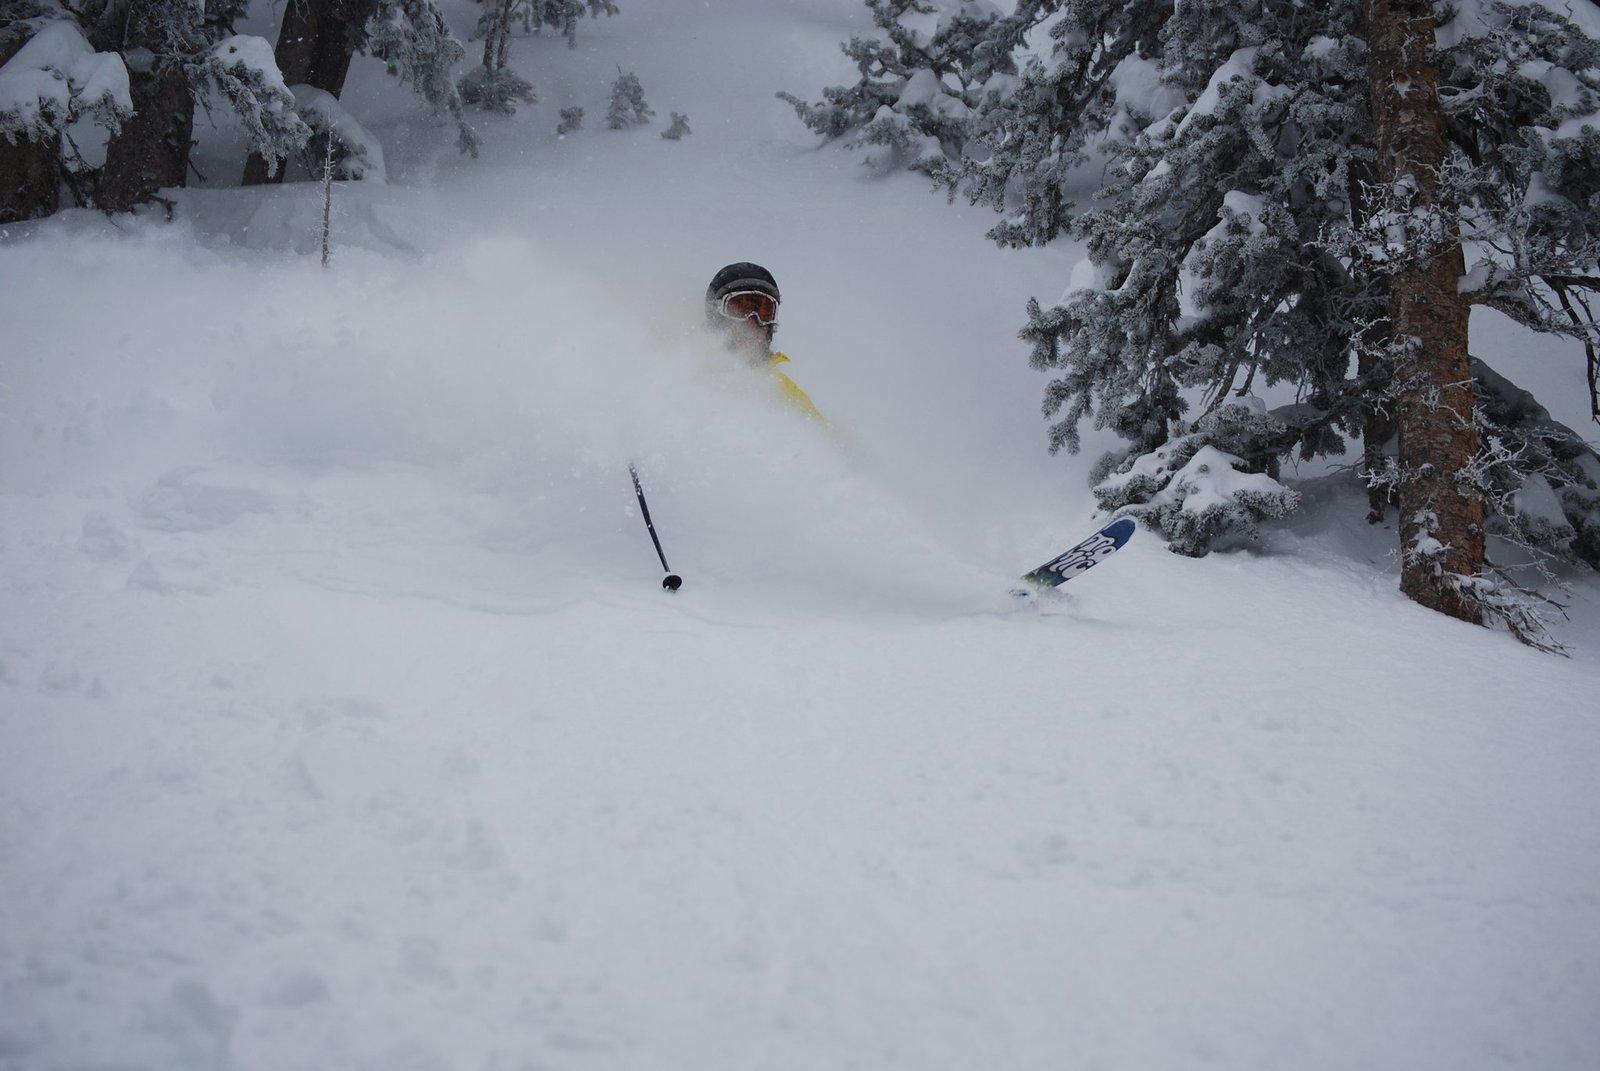 Las Vegas skiing